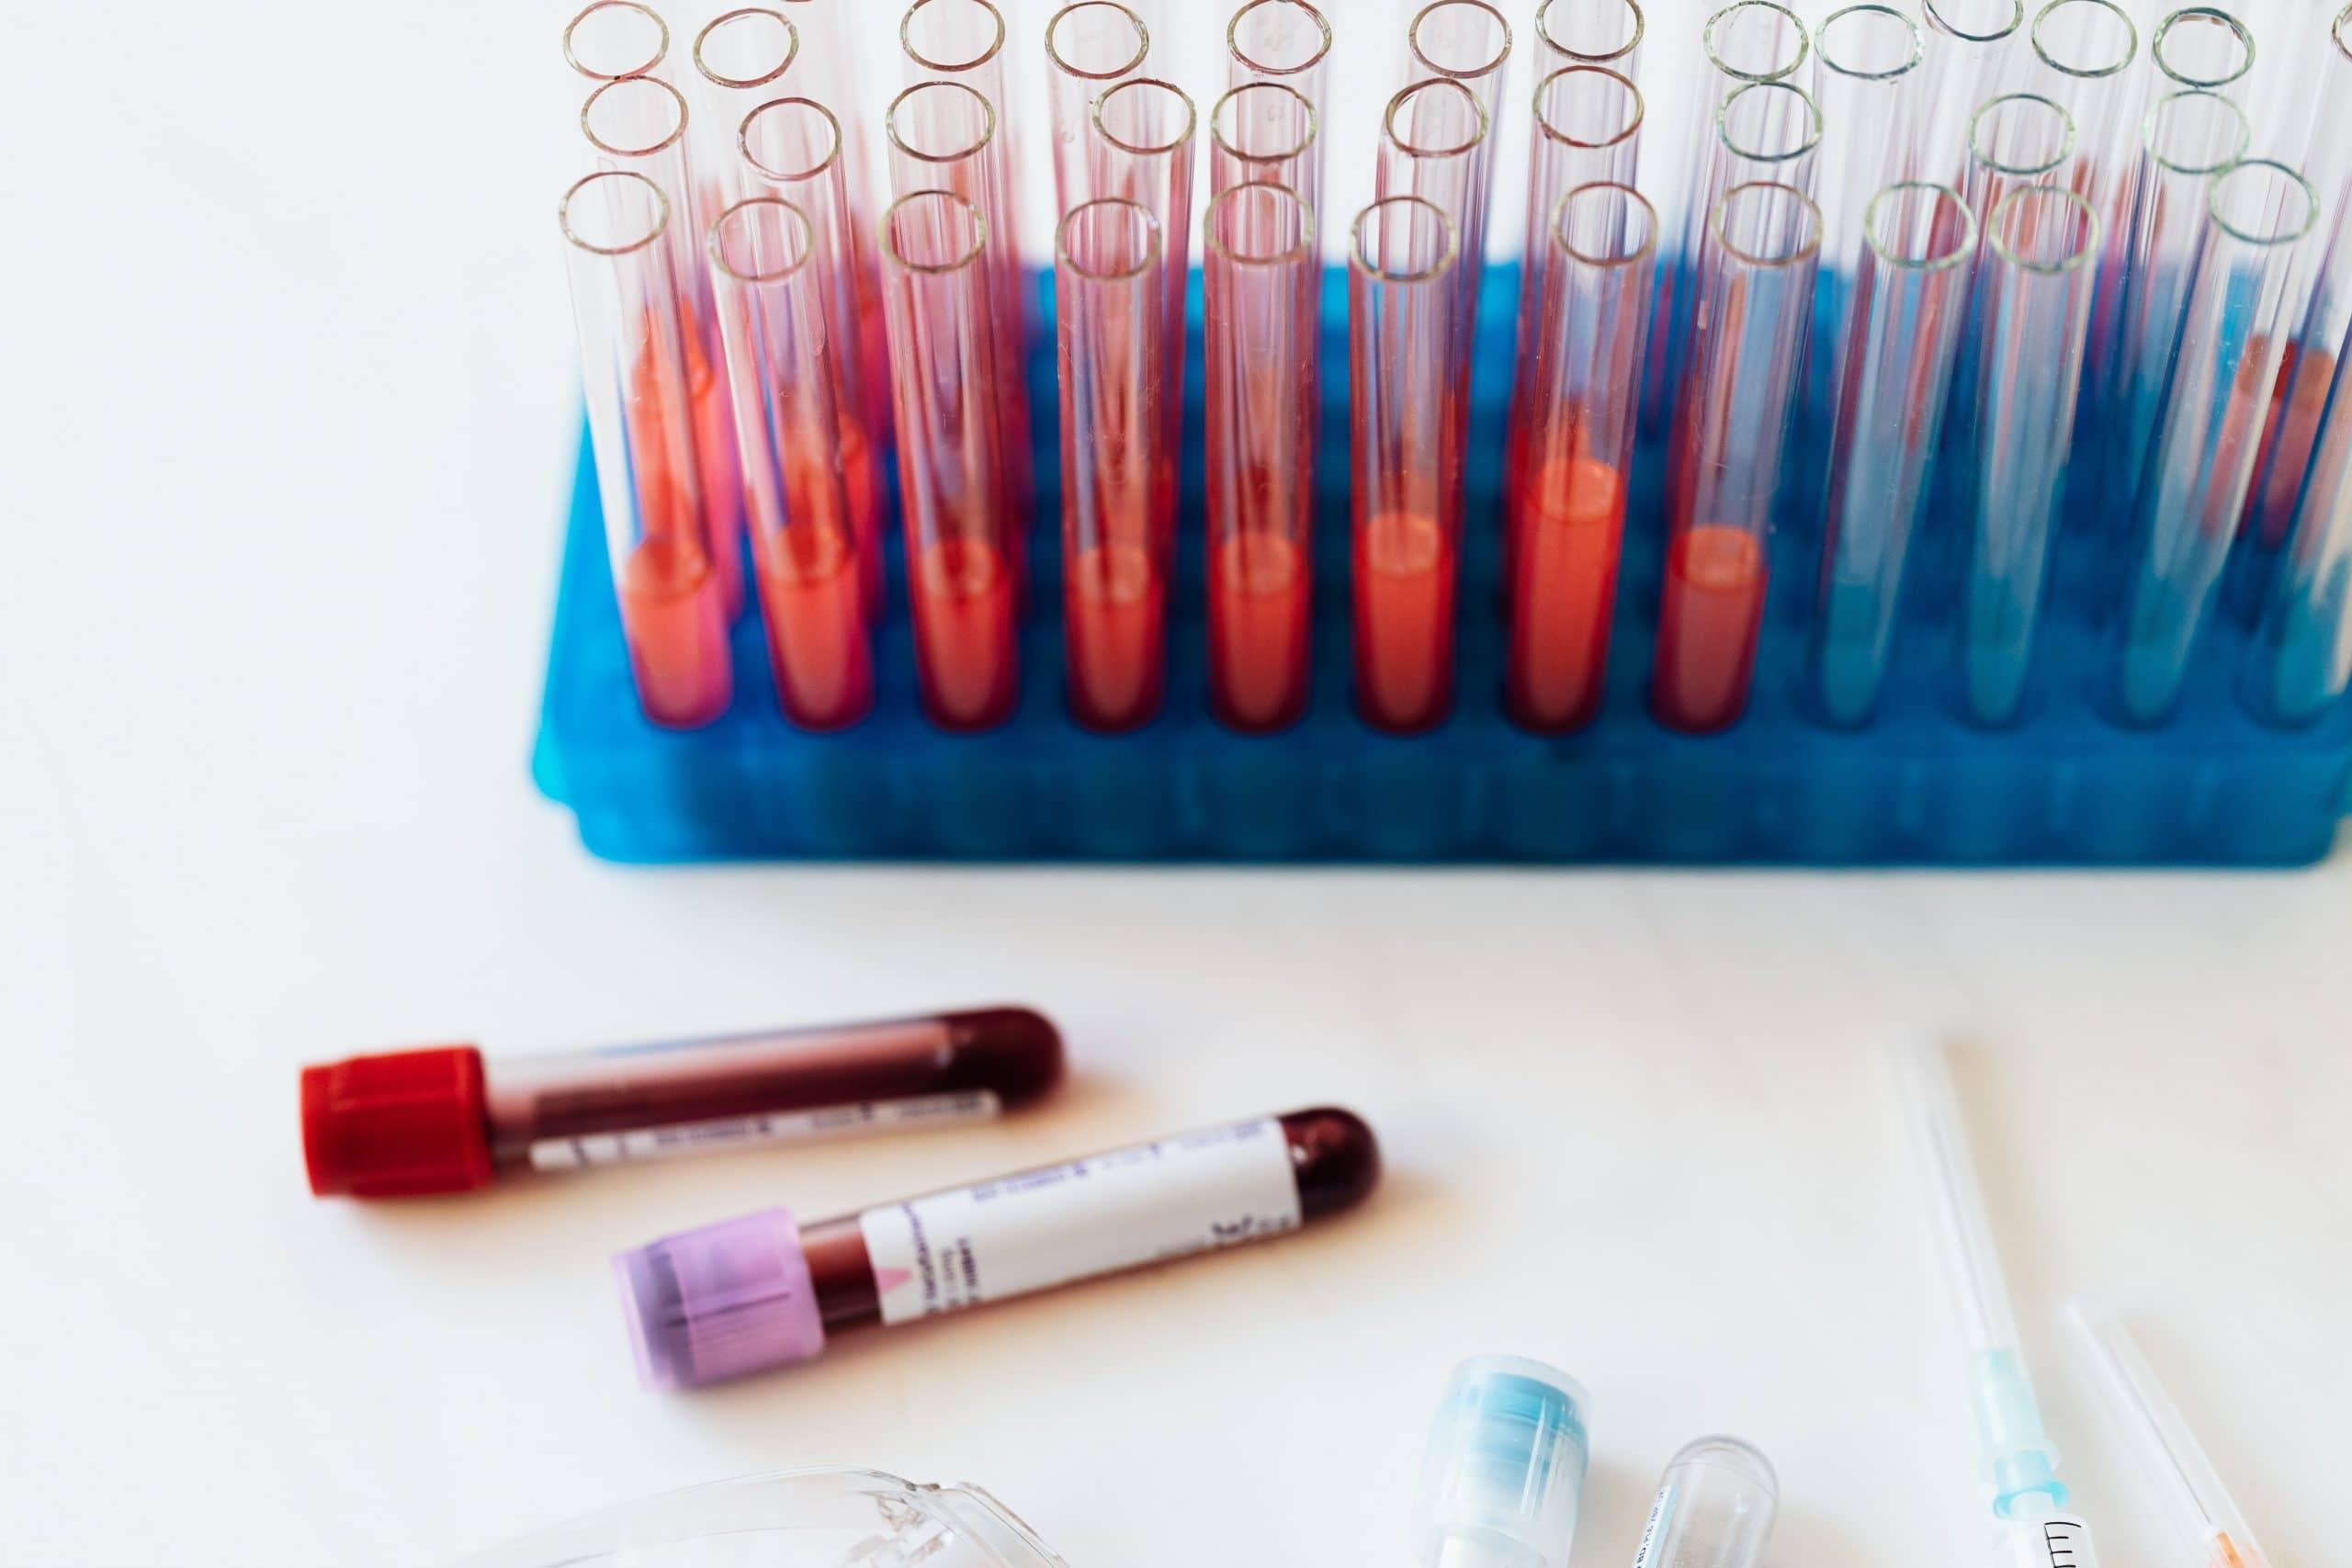 niedokrwistosc-chorob-przewleklych